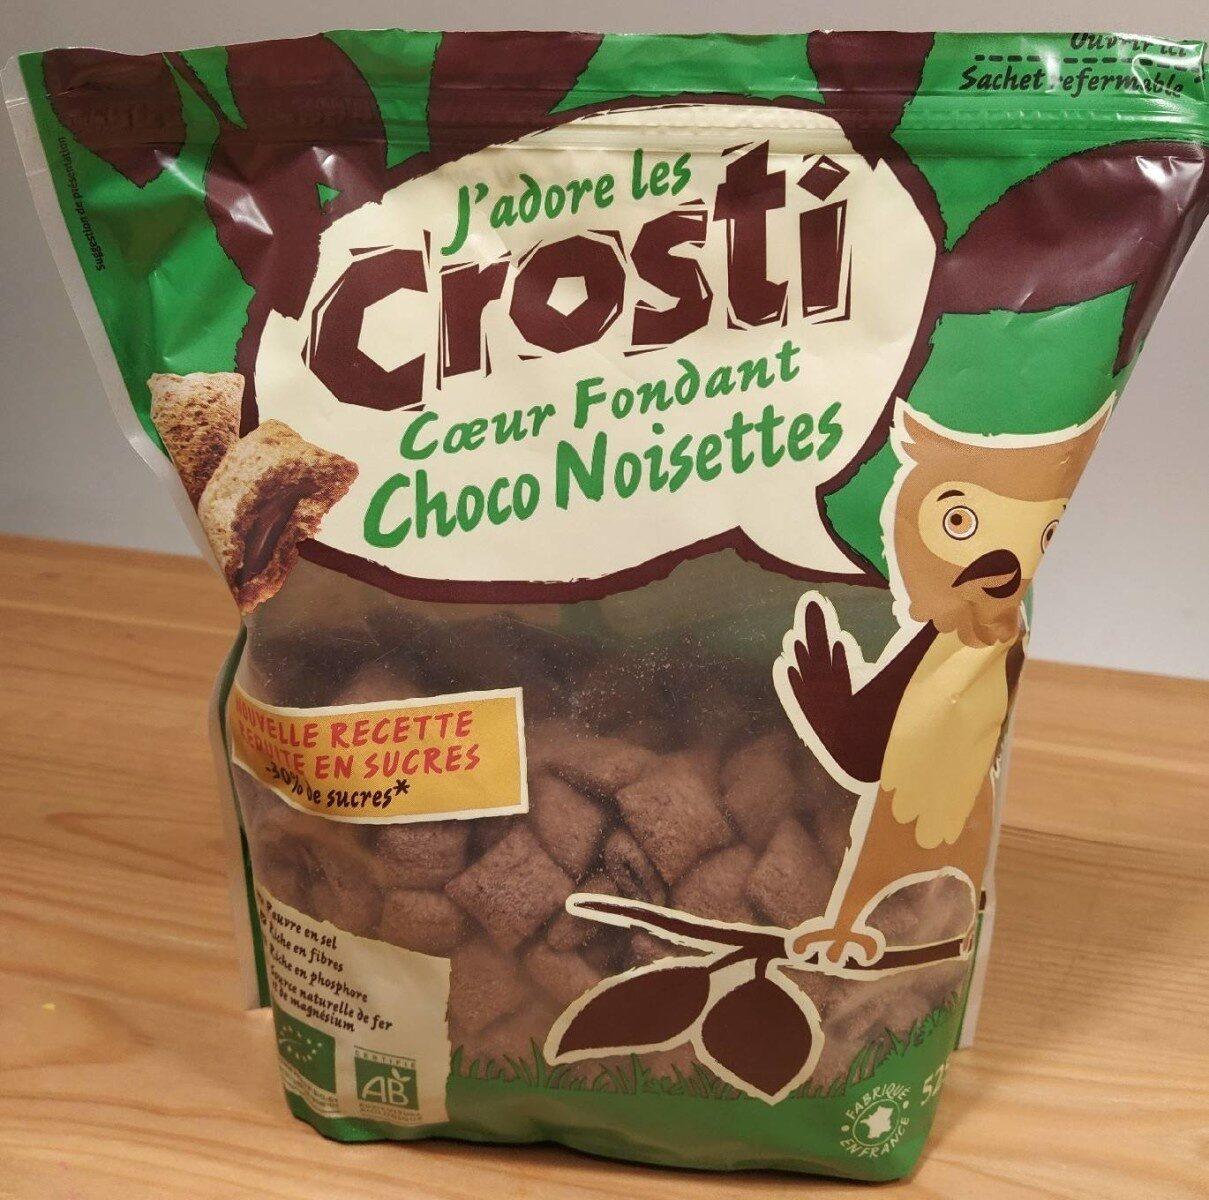 Crosti cœur fondant au chocolat noisette - Prodotto - fr